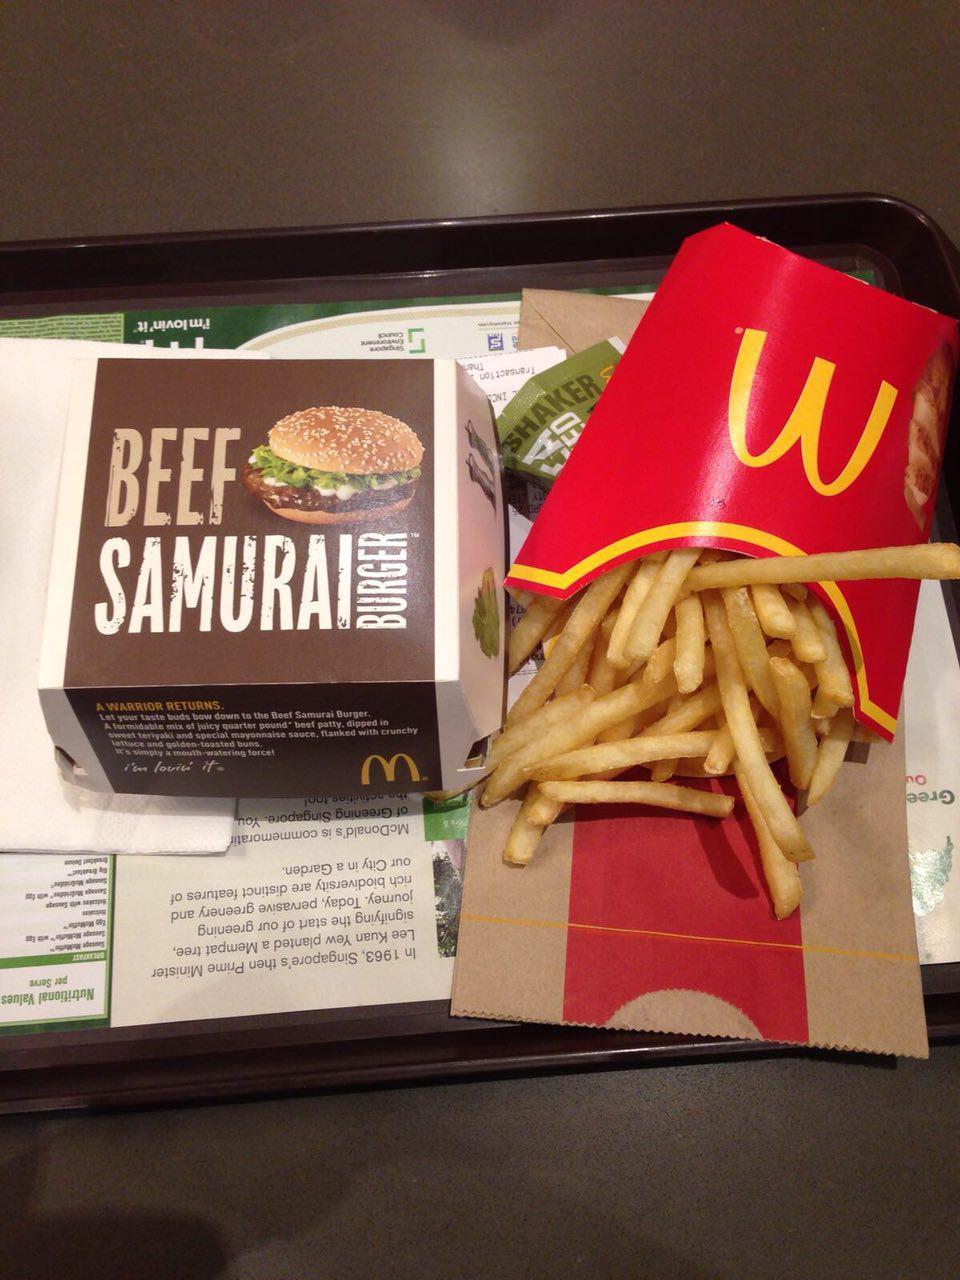 mcdonald-samurai burger